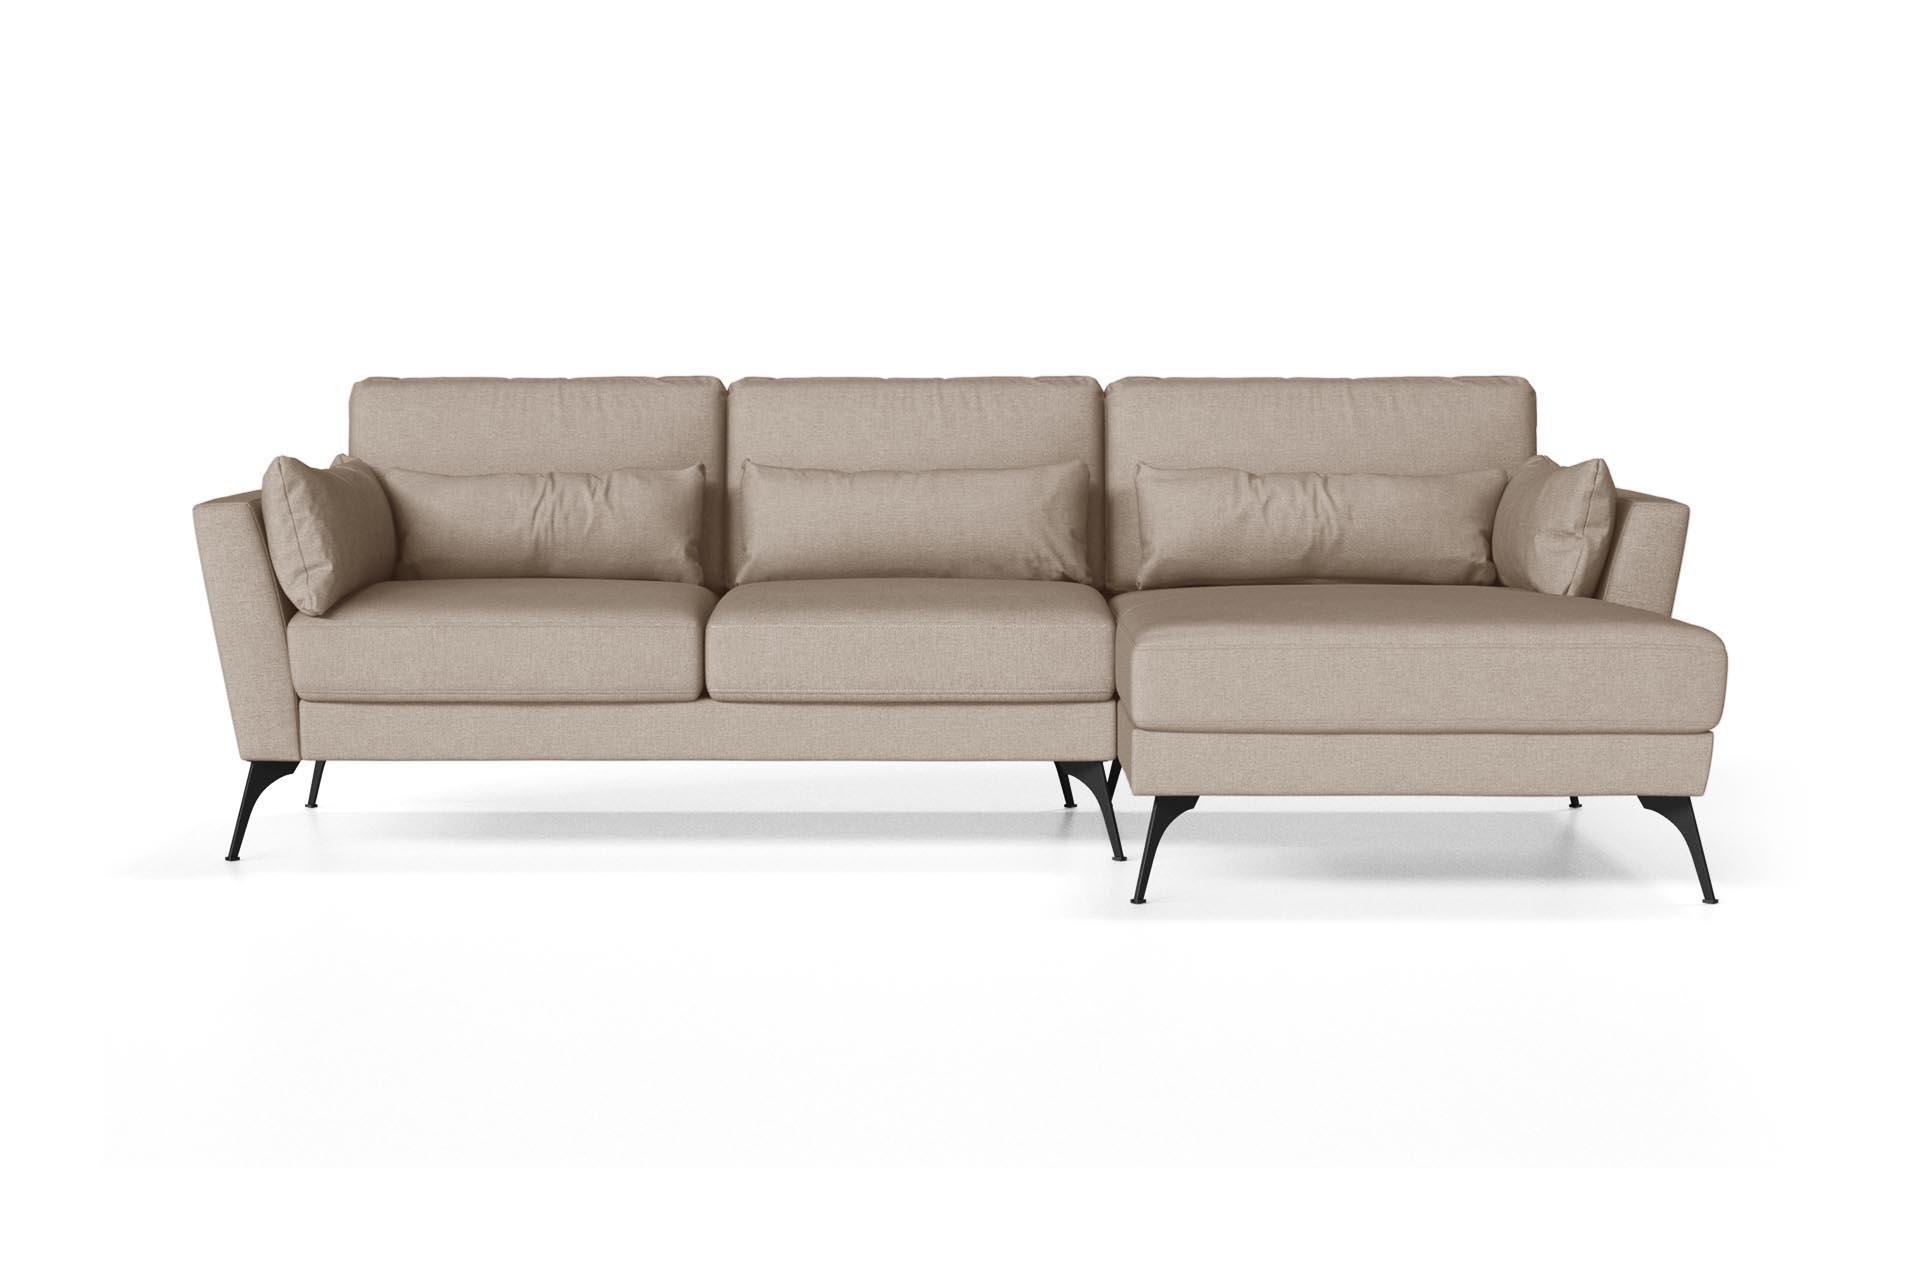 Canapé d'angle droit 4 places toucher lin sable